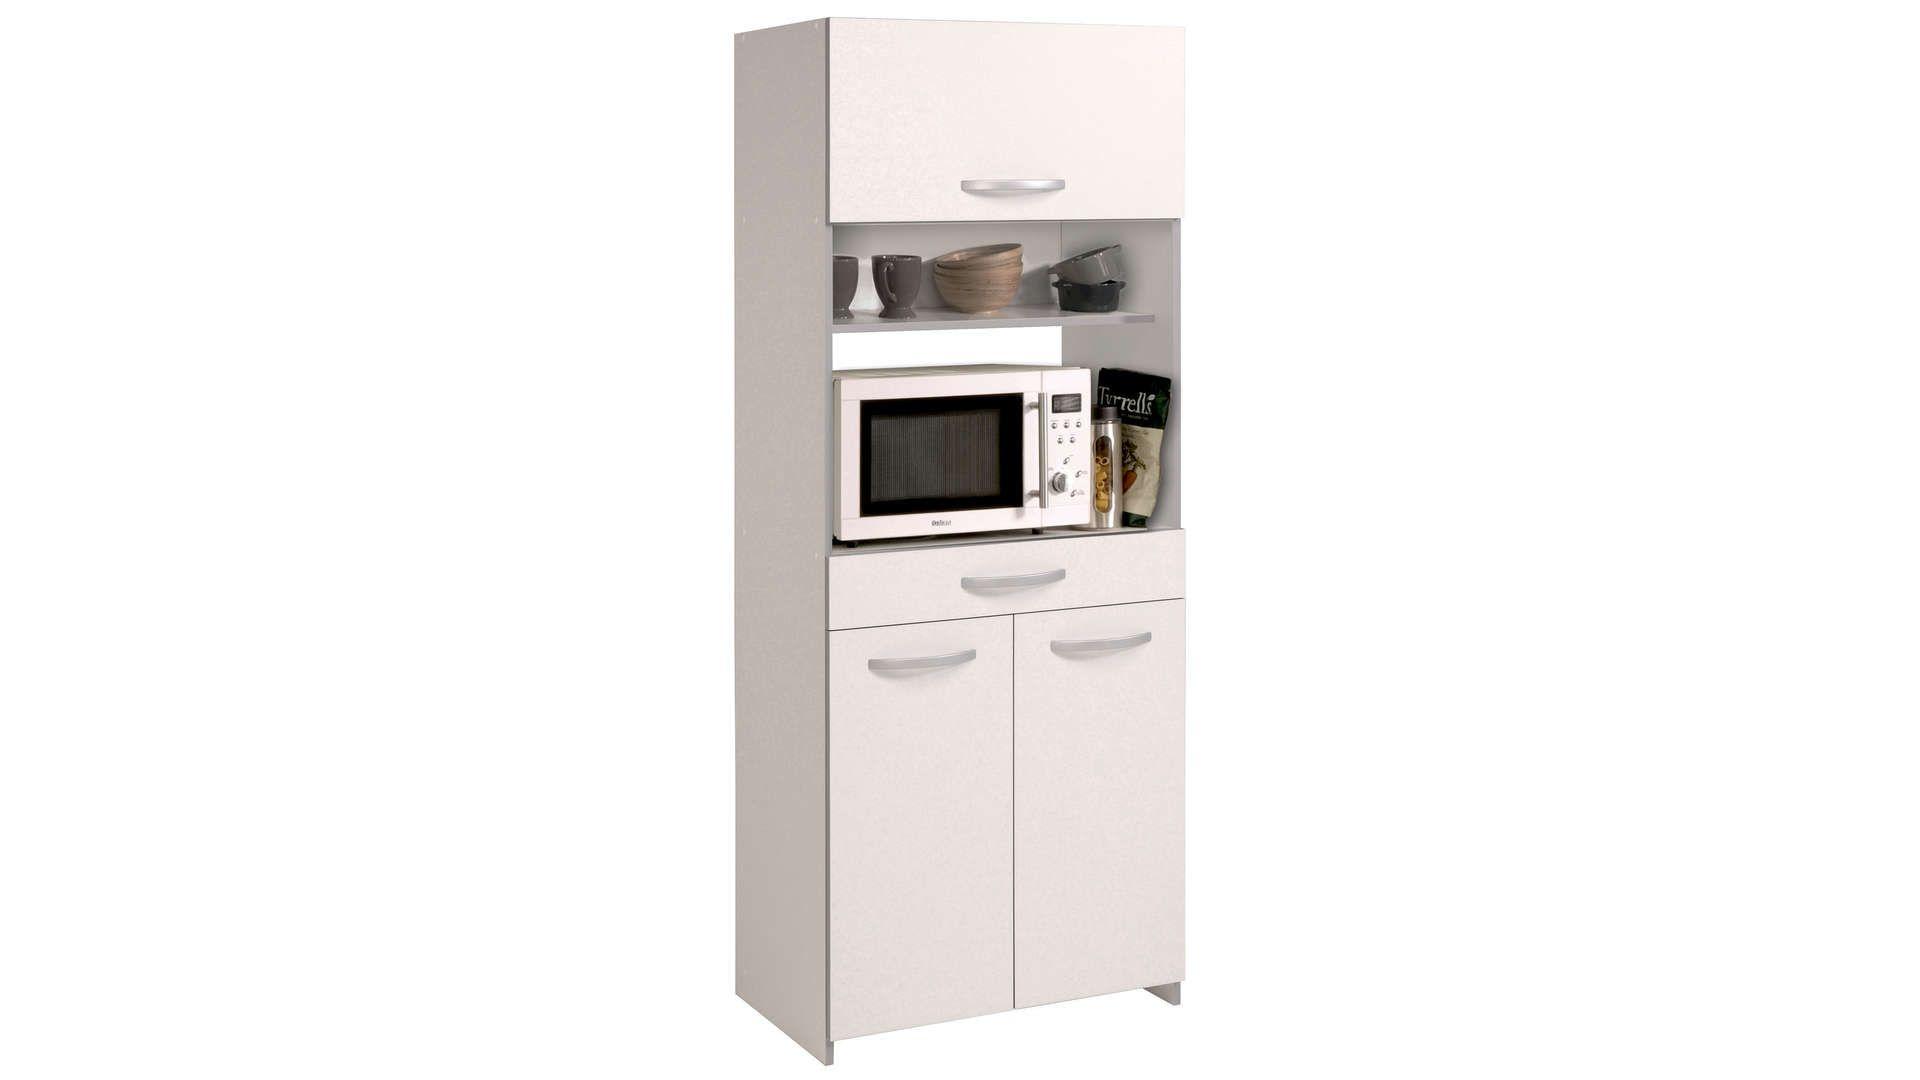 Loge-tout SPOON coloris blanc  Meuble cuisine, Mobilier de salon